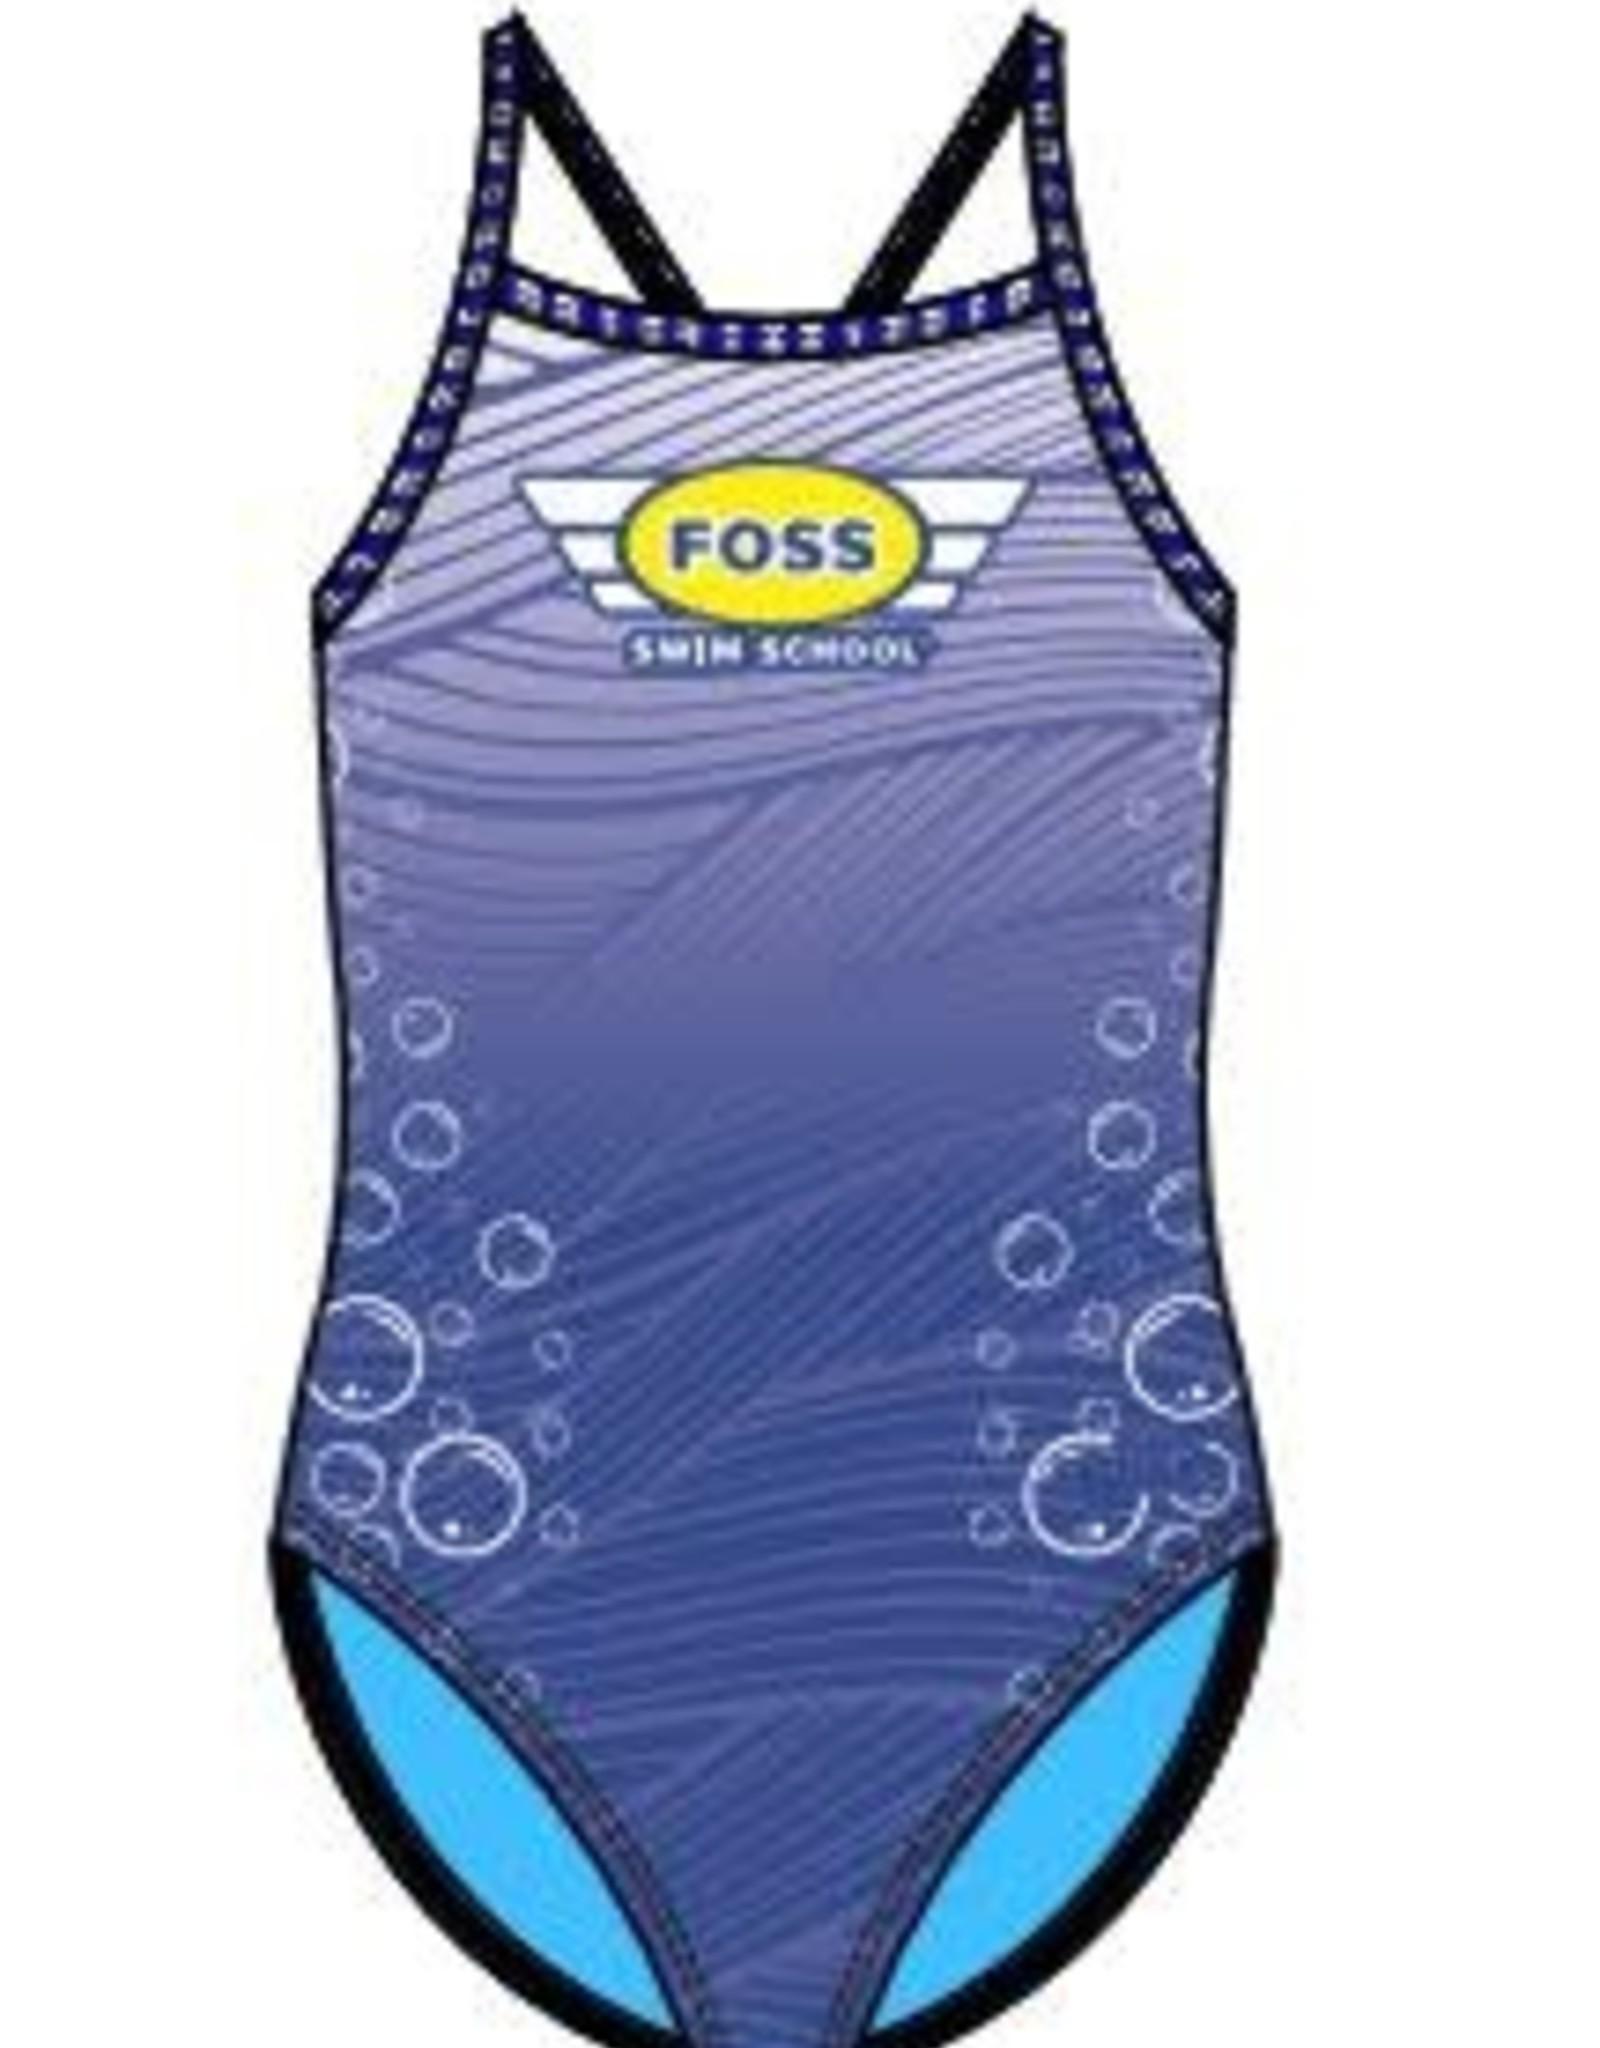 FOSS Girls Suit: Bubble Print (sizes 3T-6X)